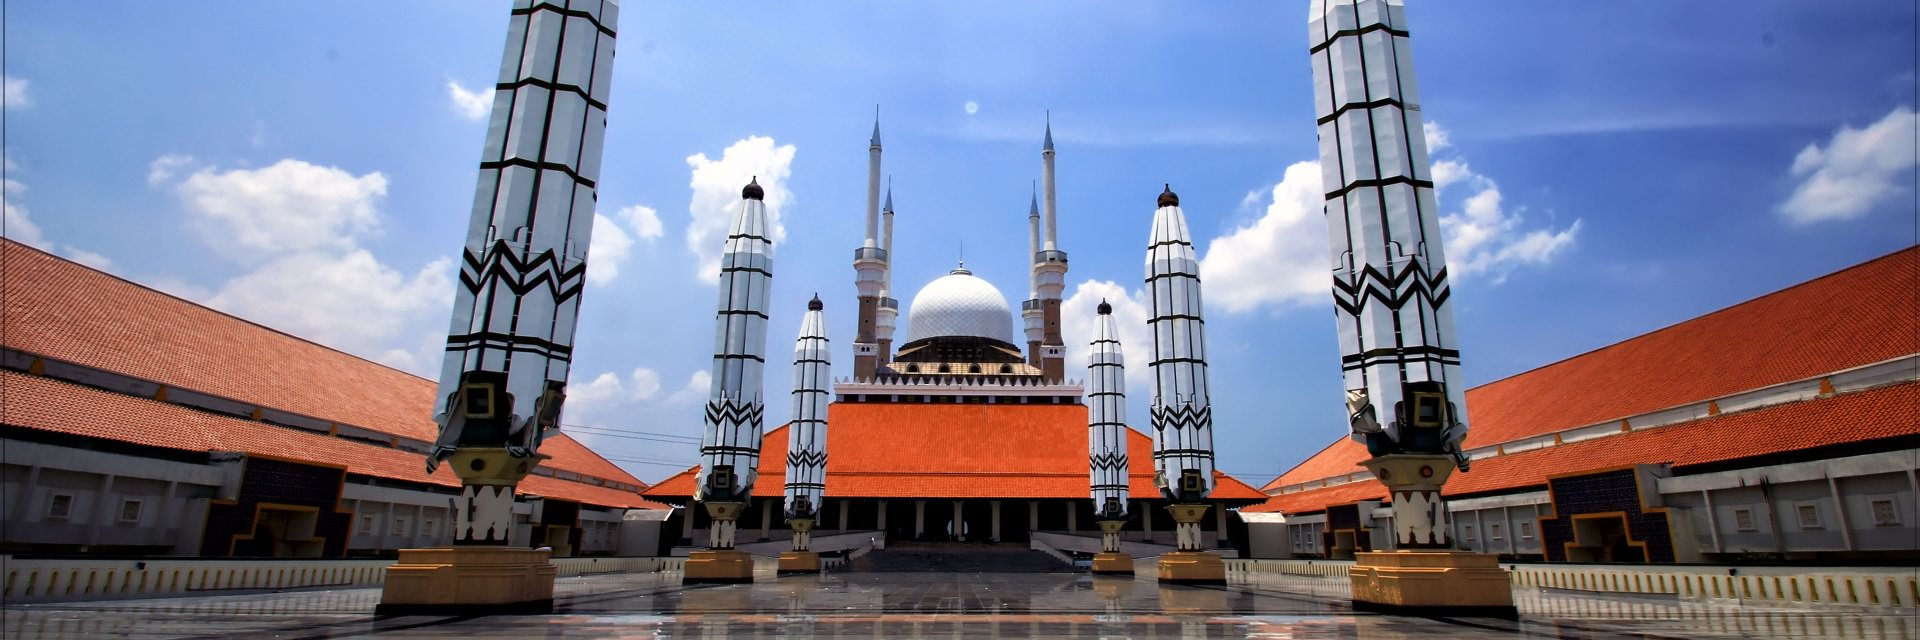 Semarang Gak Cuma Terkenal Alamnya Tapi Juga Sejarahnya - Dolan Dolen